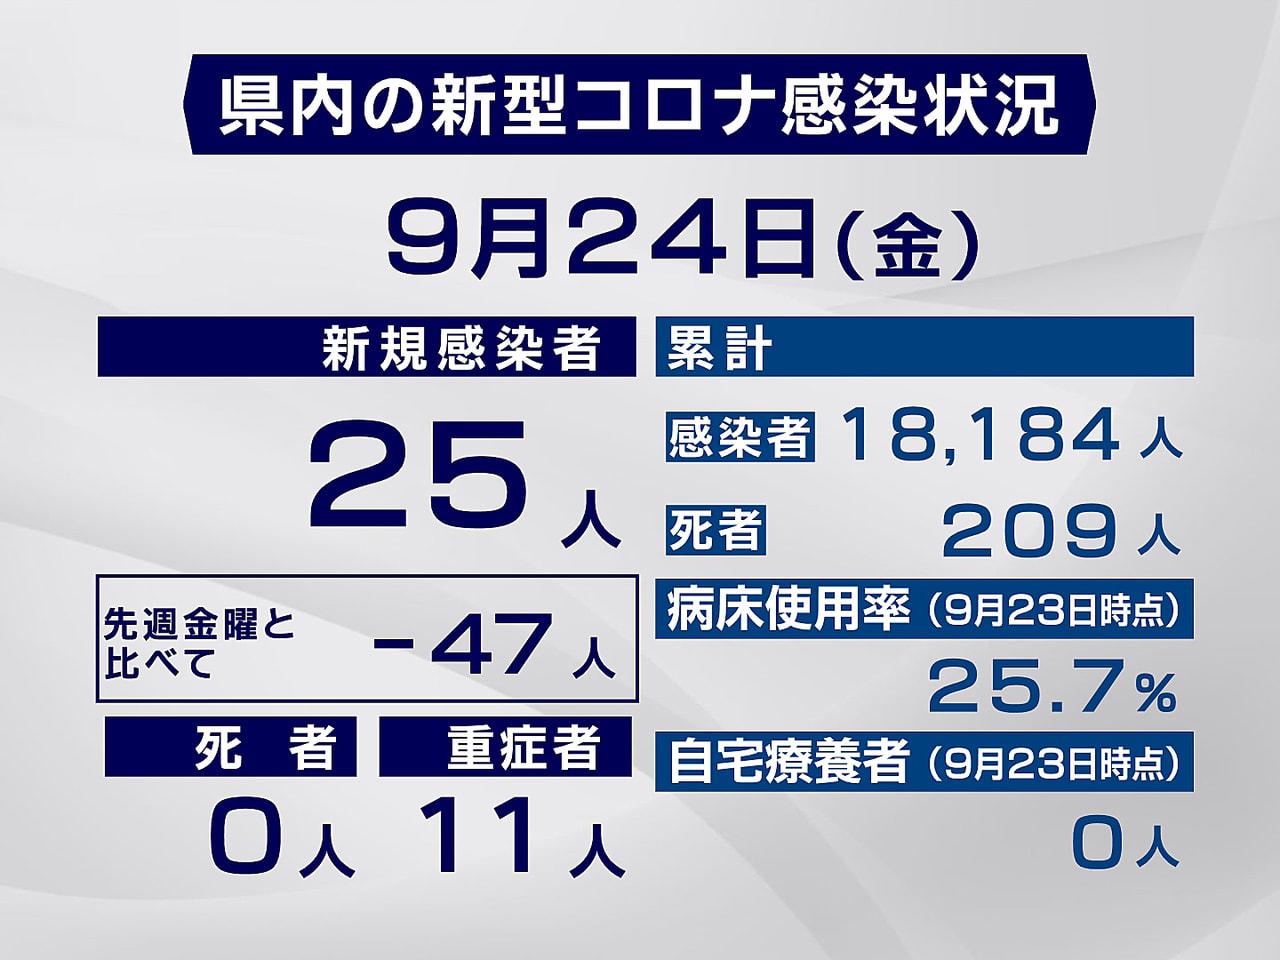 岐阜県と岐阜市は24日、新型コロナウイルスの感染が新たに25人確認されたと発表し...